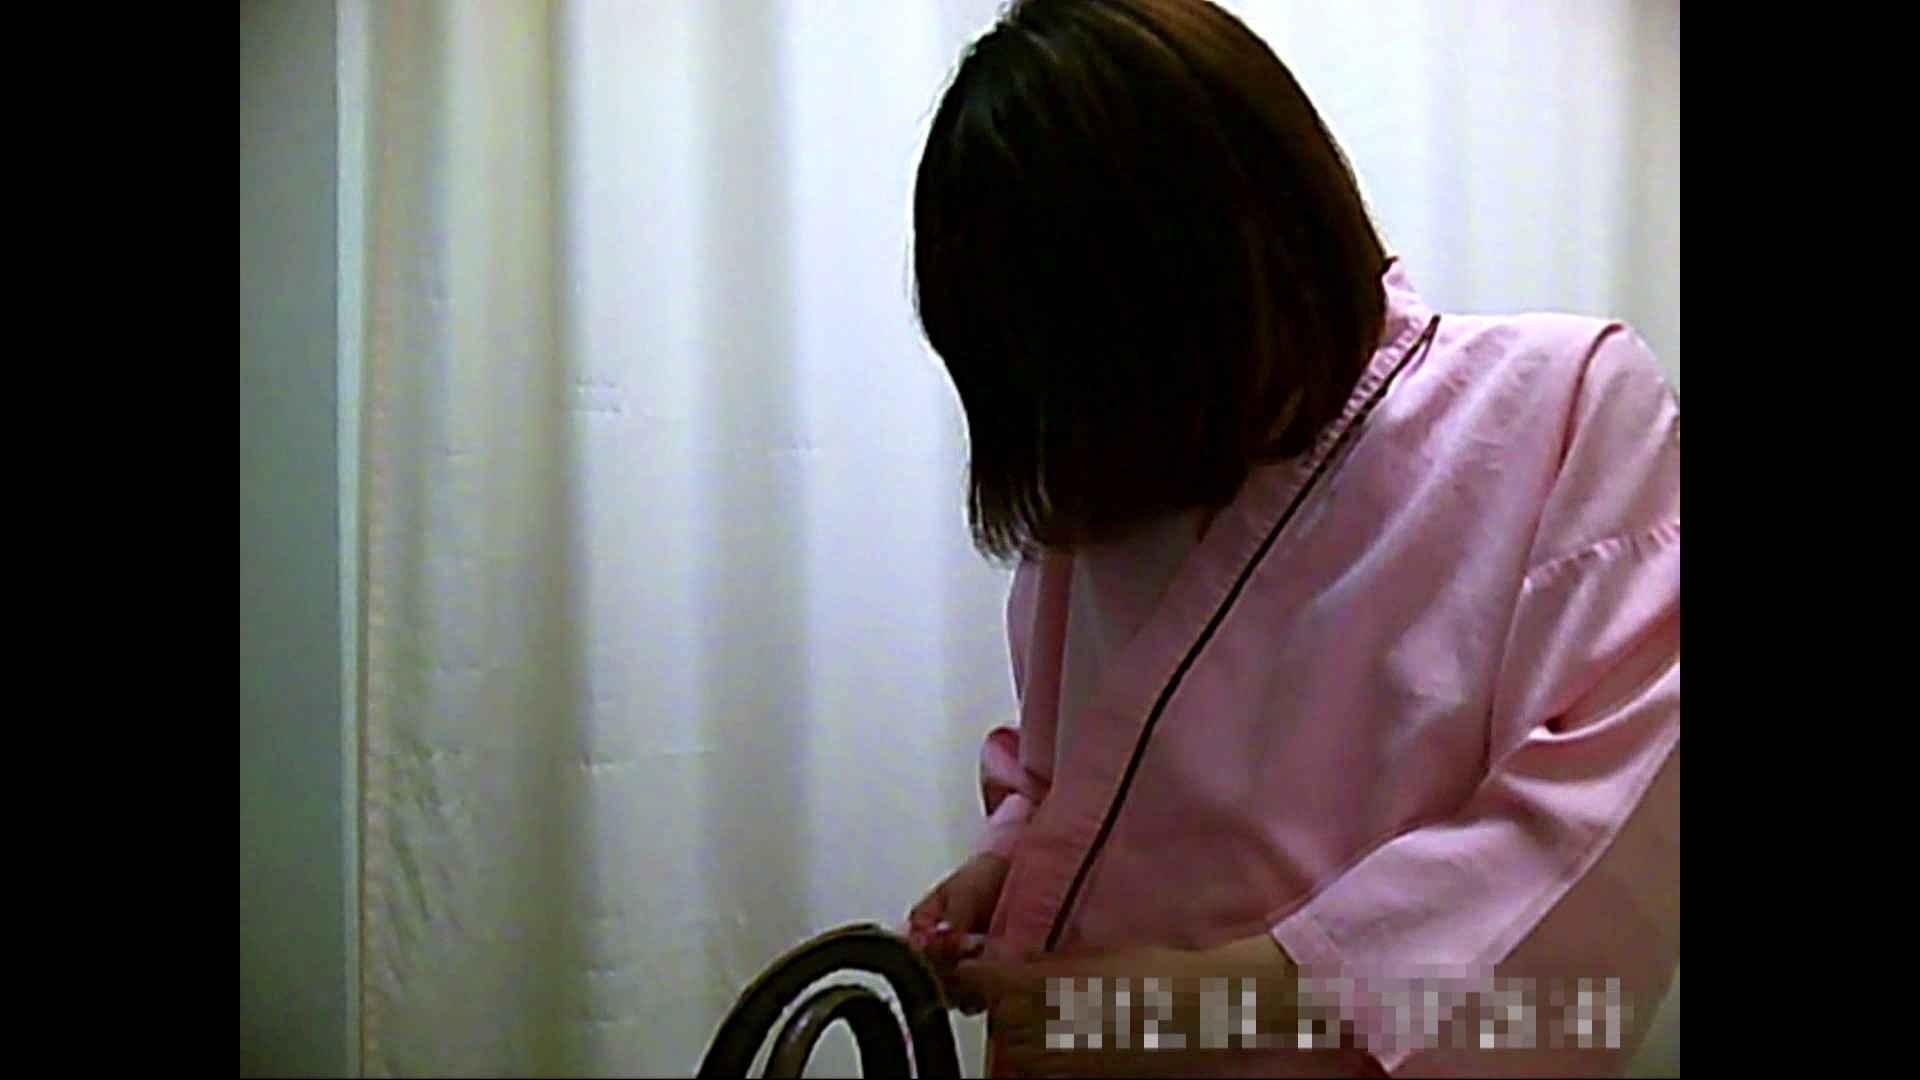 病院おもいっきり着替え! vol.292 おっぱい 盗み撮りSEX無修正画像 72画像 4